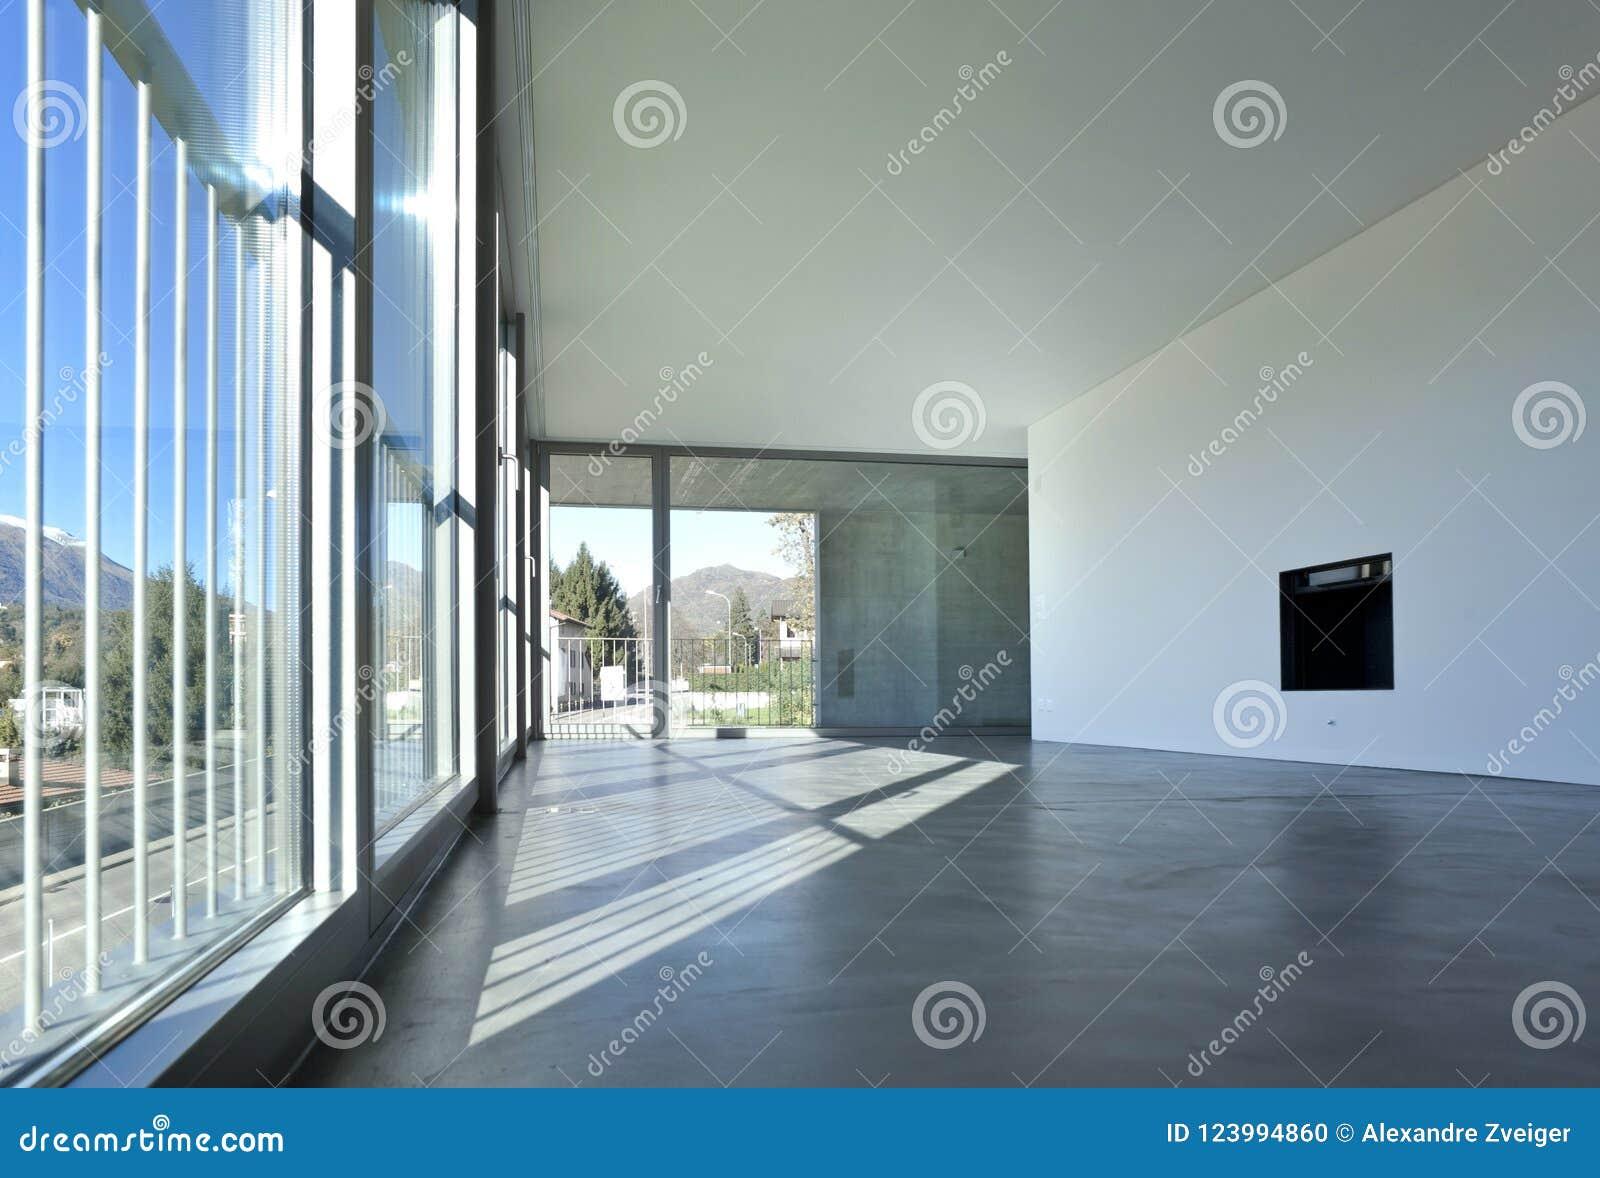 Innenraum Eines Leeren Raumes, Ein Wohnzimmer Eine Große Weiße Wand Mit  Einem Kamin In Der Mitte Auf Der Seite Gibt Es Ein Großes Fenster Der  Gesichtspunkt ...